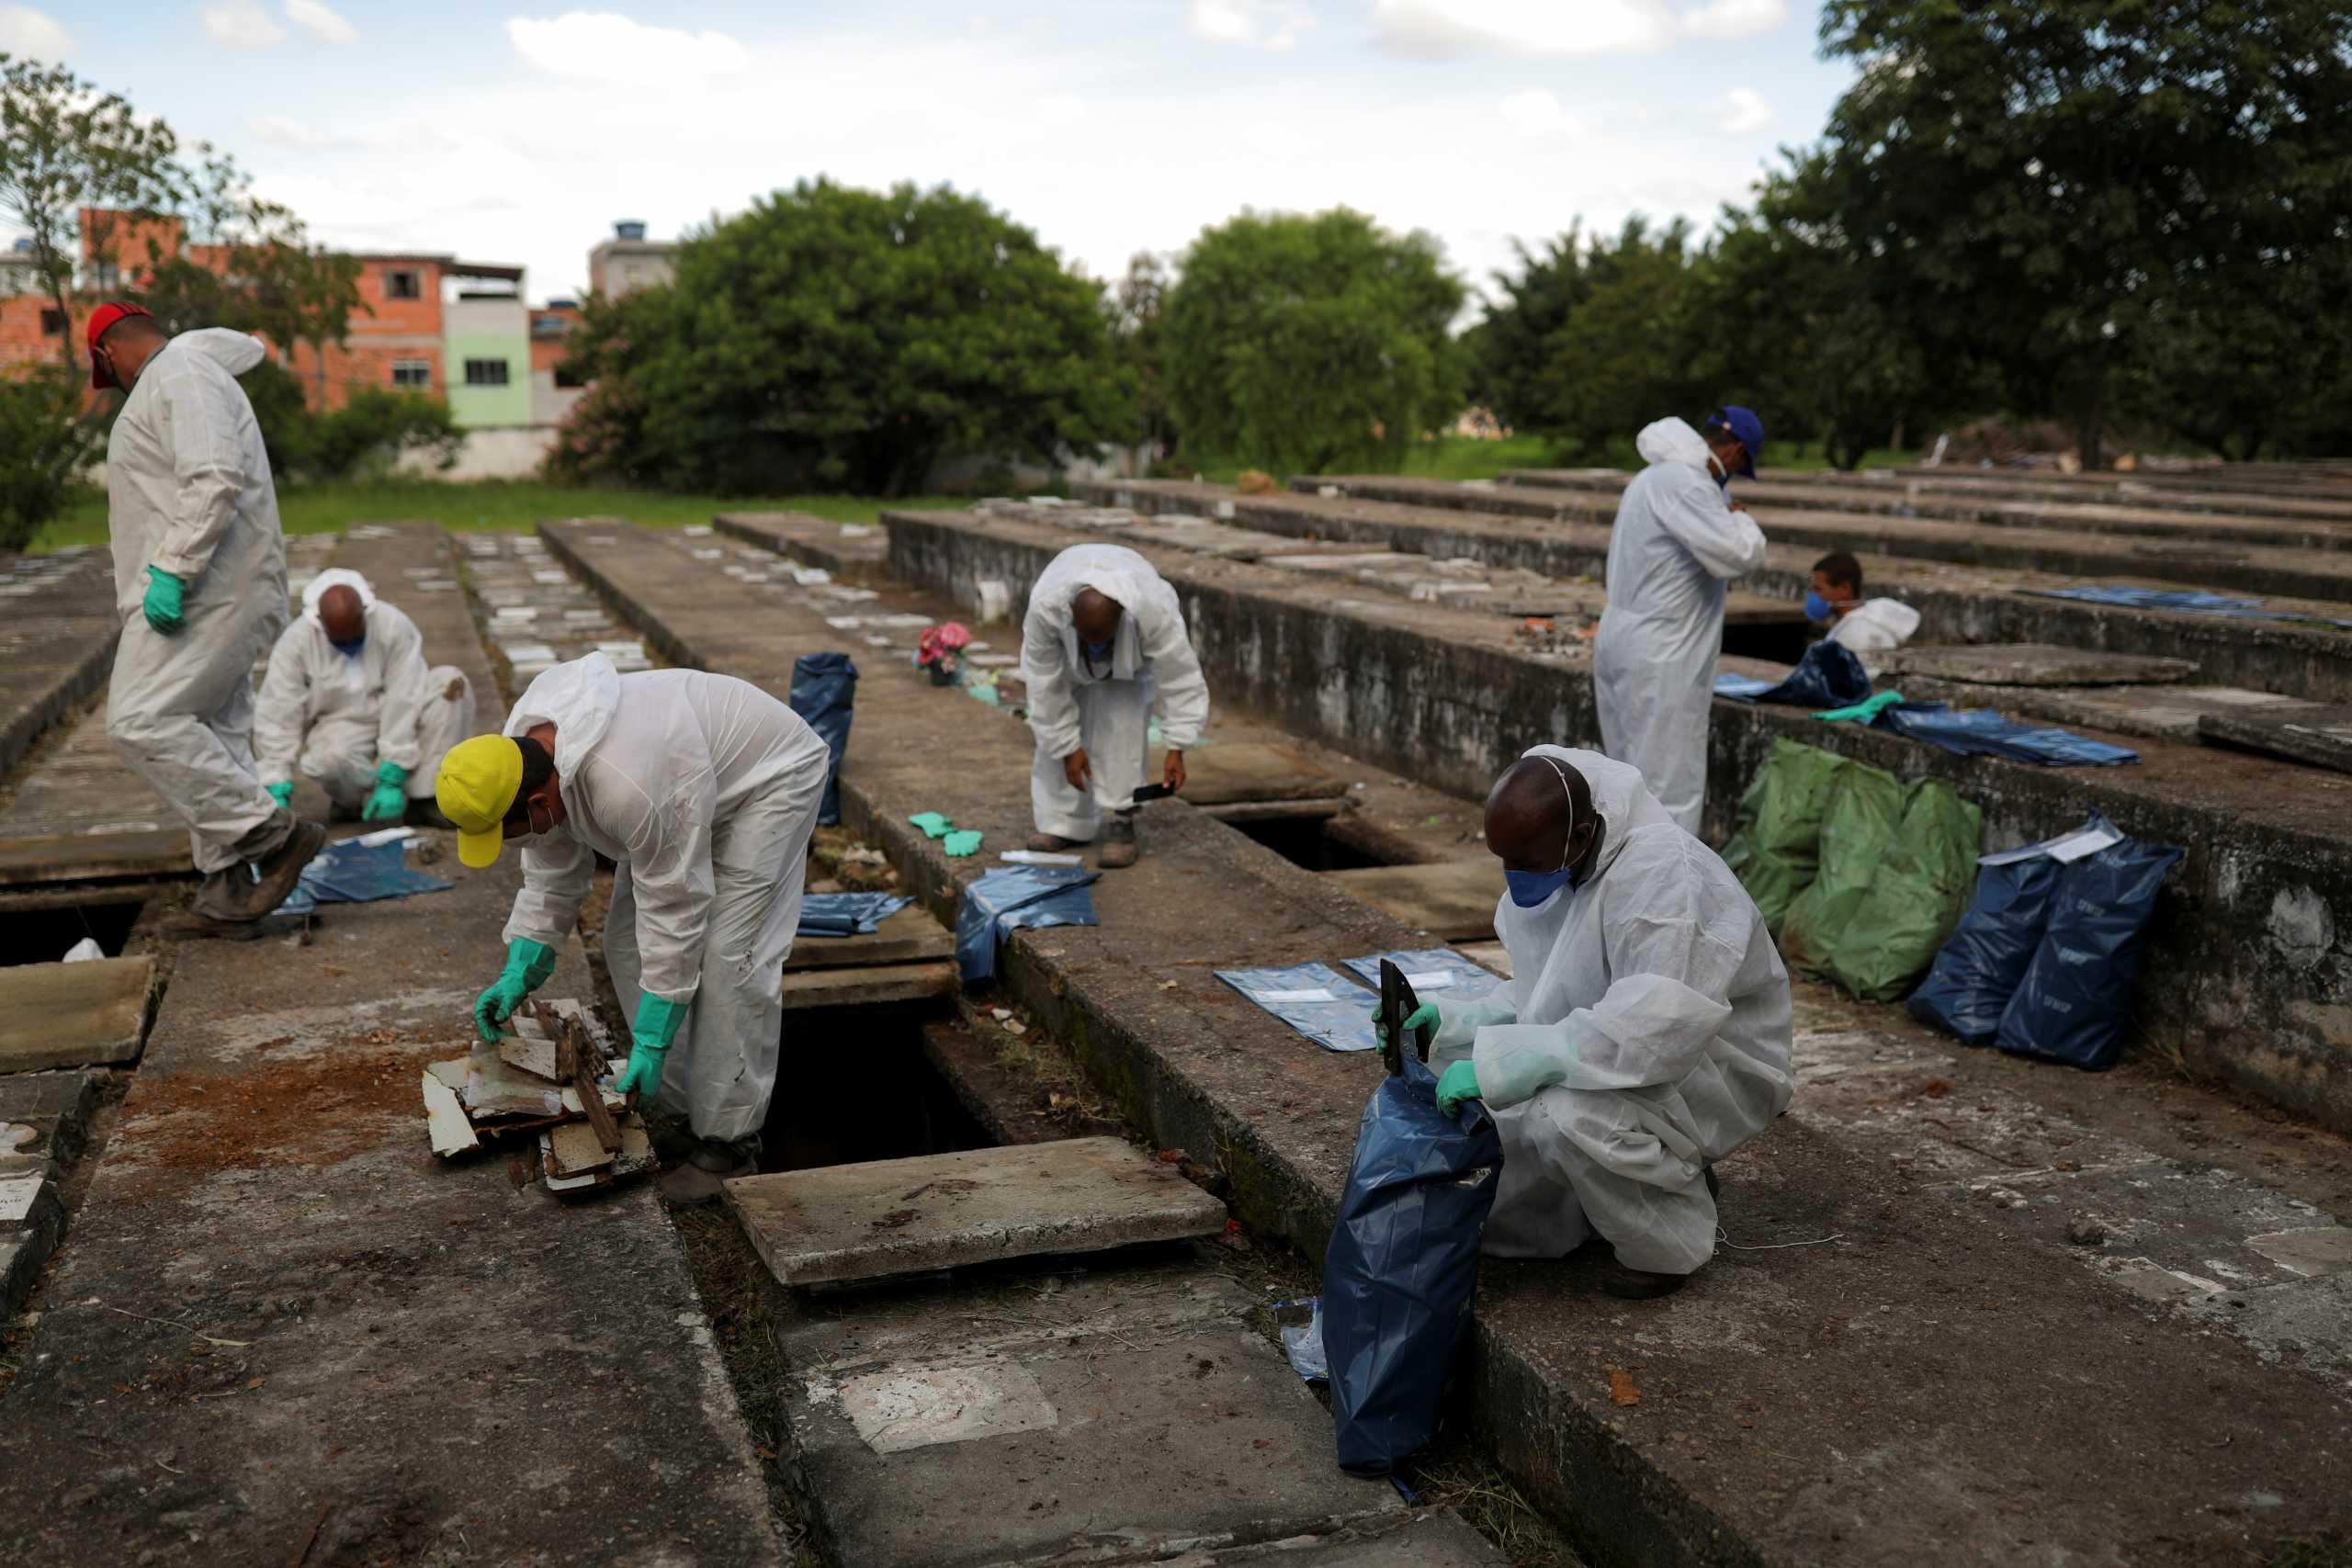 Μακάβριες εικόνες στην Βραζιλία: Αδειάζουν τάφους για να χωρέσουν οι νεκροί από κορονοϊό (pics)